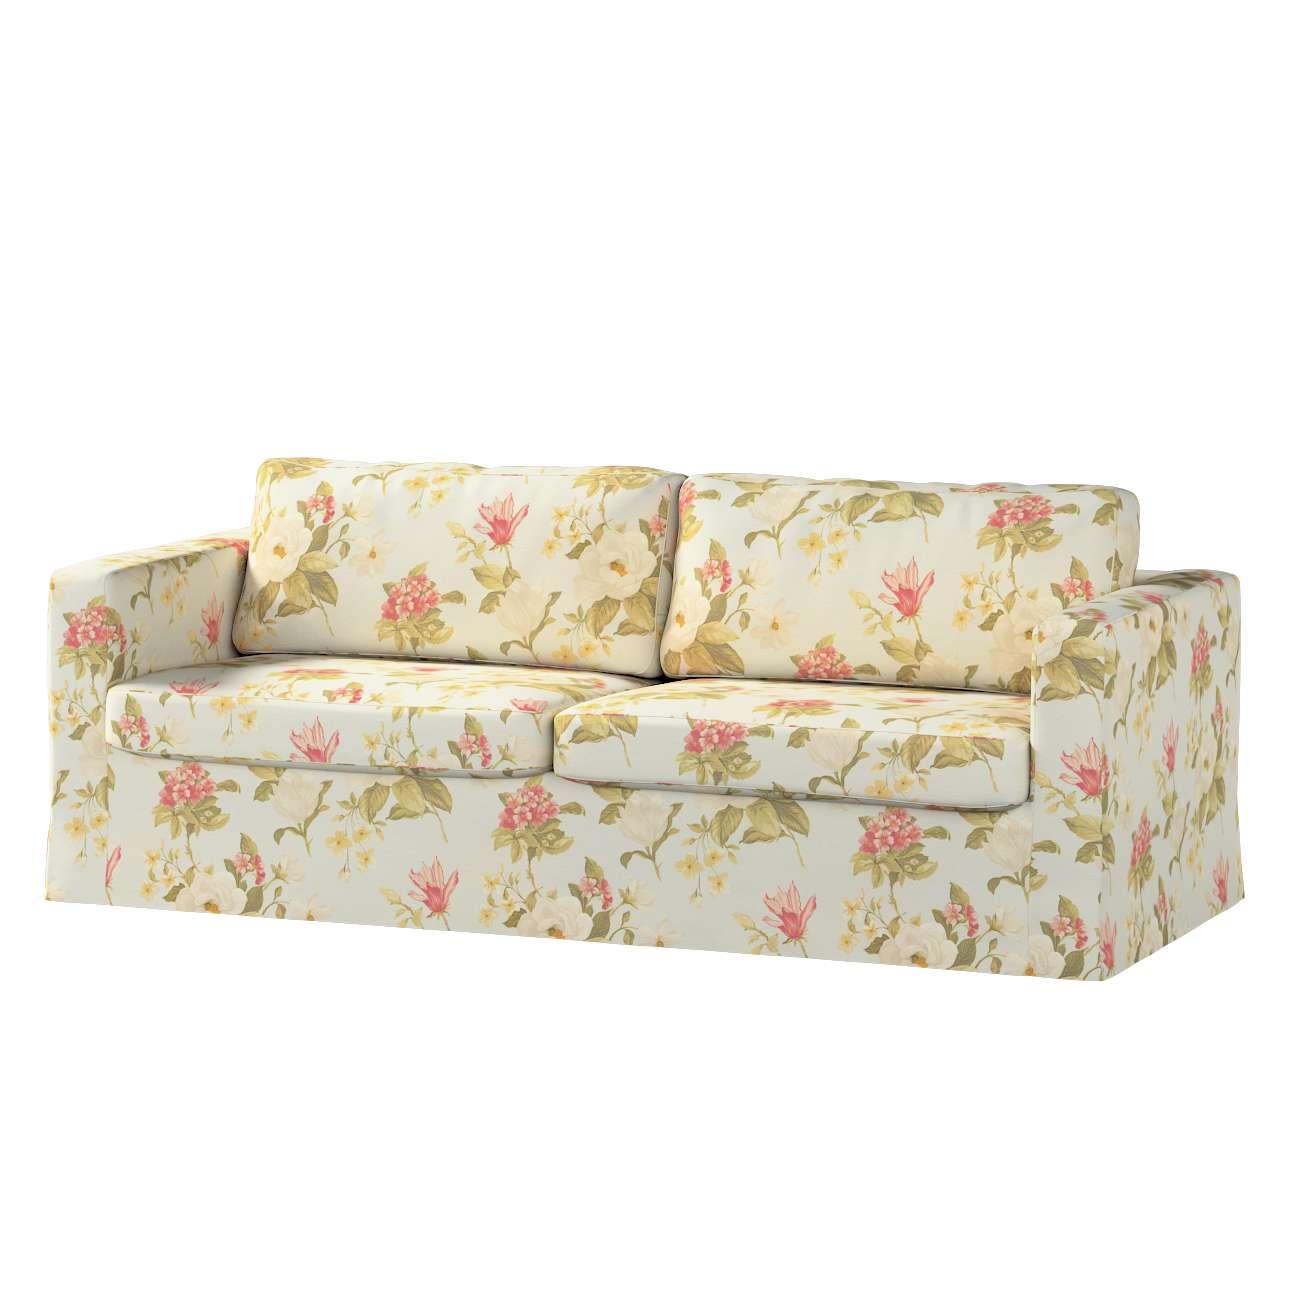 Karlstad trivietės sofos užvalkalas (ilgas, iki žemės) Karlstad trivietės sofos užvalkalas (ilgas, iki žemės) kolekcijoje Londres, audinys: 123-65